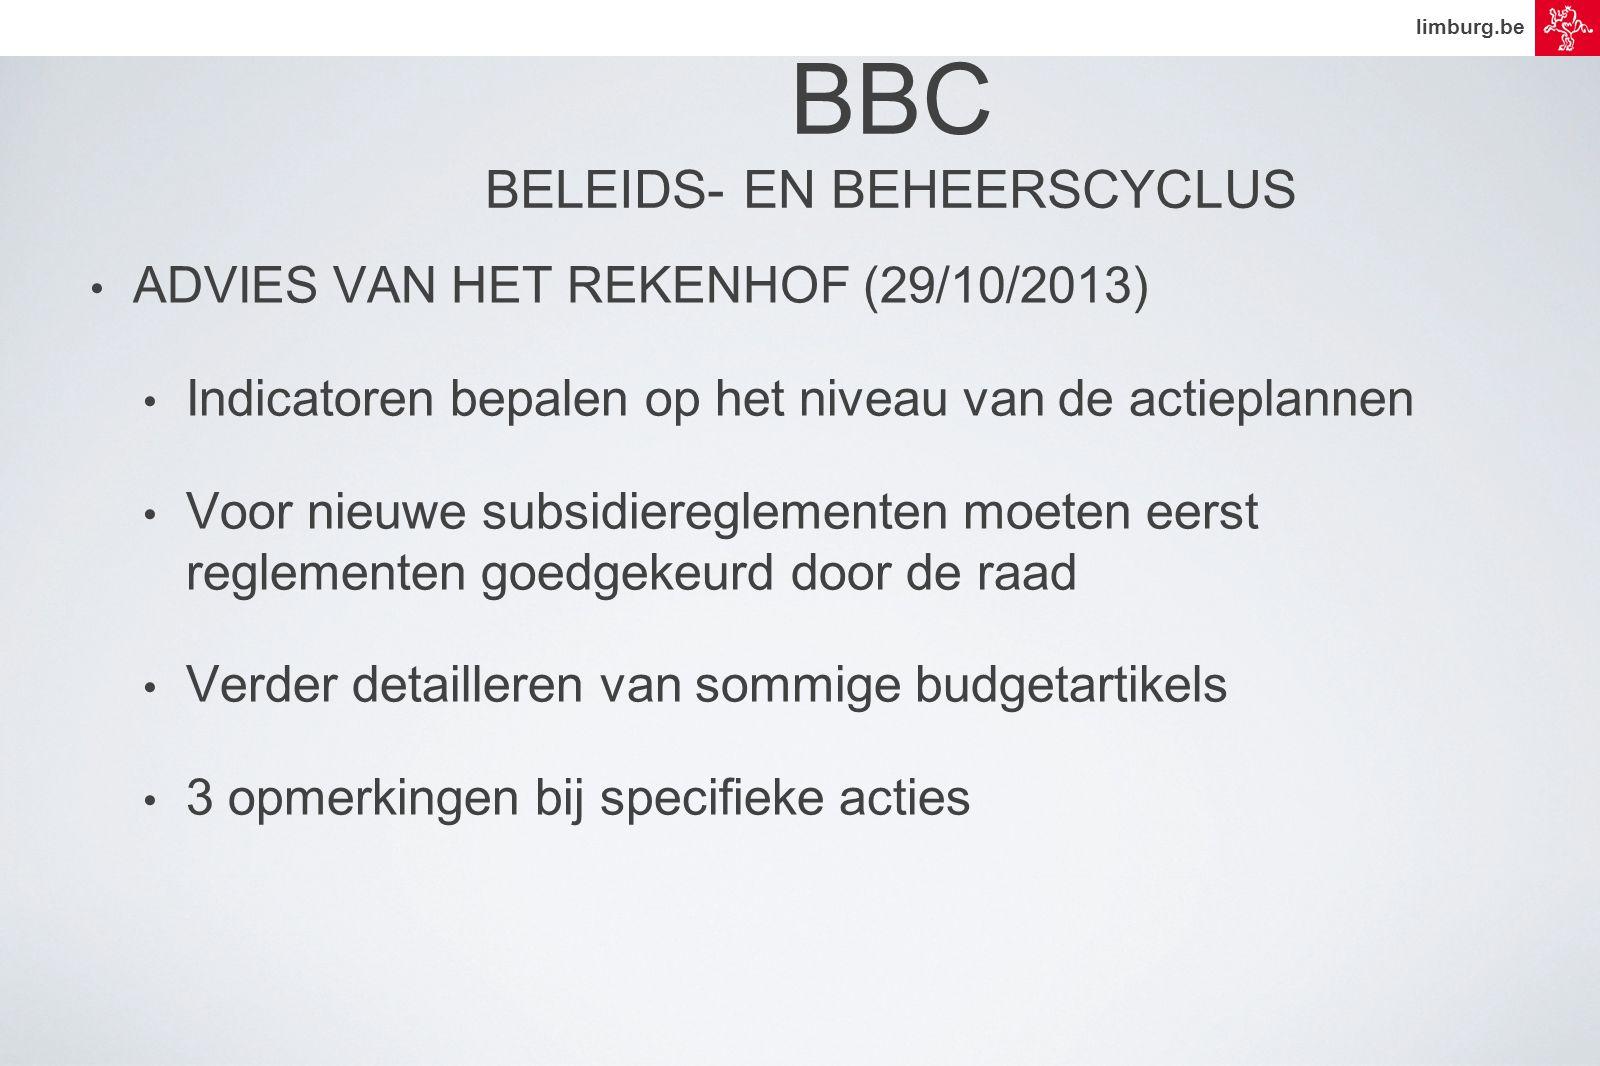 limburg.be BBC BELEIDS- EN BEHEERSCYCLUS • ADVIES VAN HET REKENHOF (29/10/2013) • Indicatoren bepalen op het niveau van de actieplannen • Voor nieuwe subsidiereglementen moeten eerst reglementen goedgekeurd door de raad • Verder detailleren van sommige budgetartikels • 3 opmerkingen bij specifieke acties